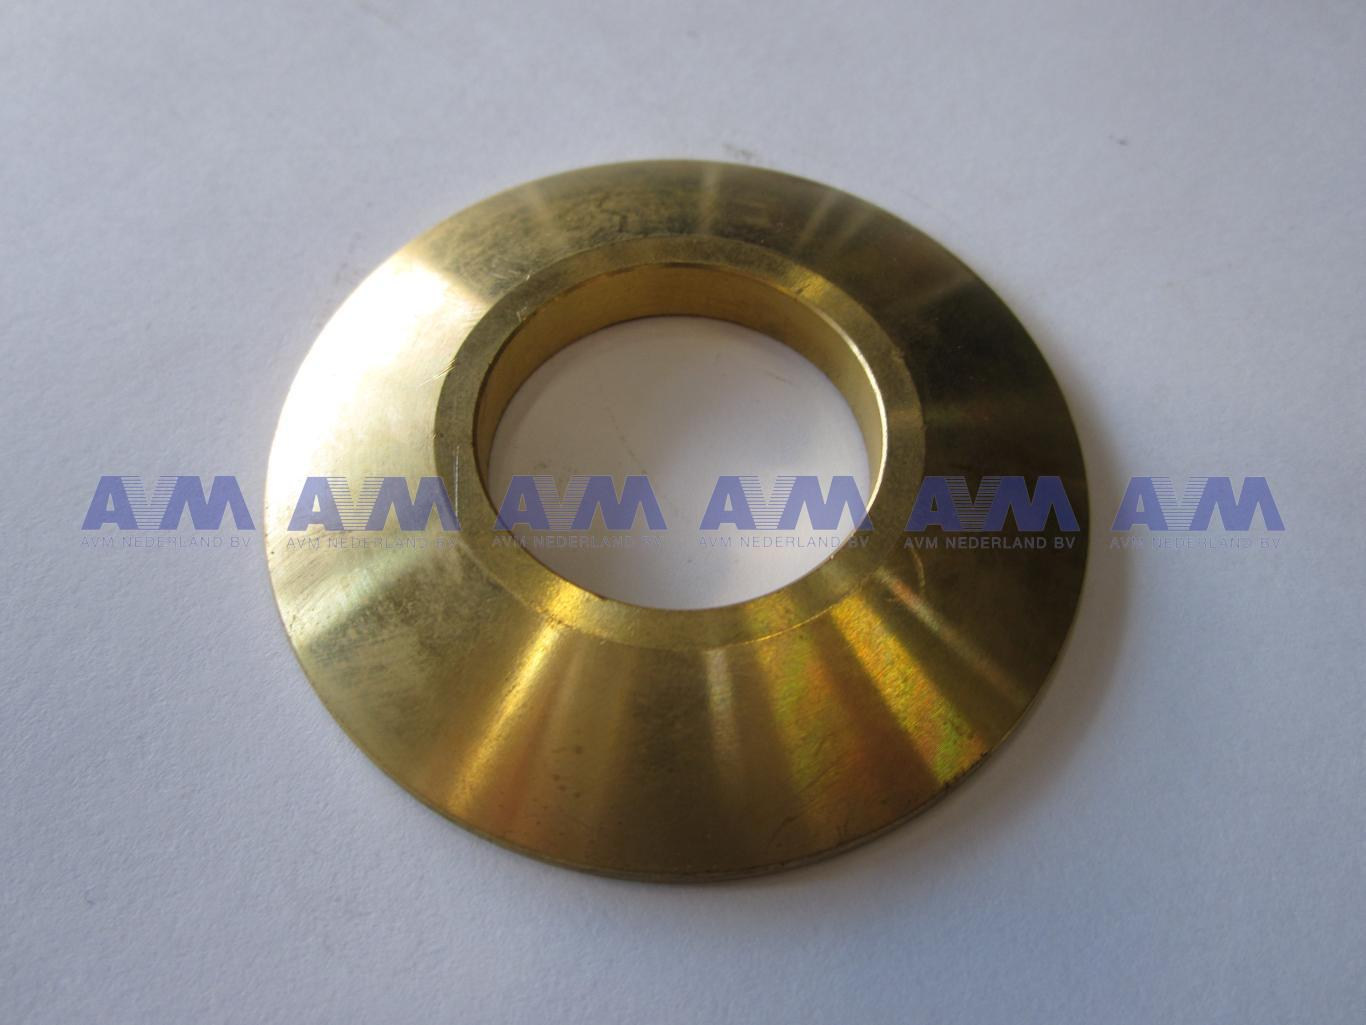 Aanloopschijf brons 96579100 Tadano Demag